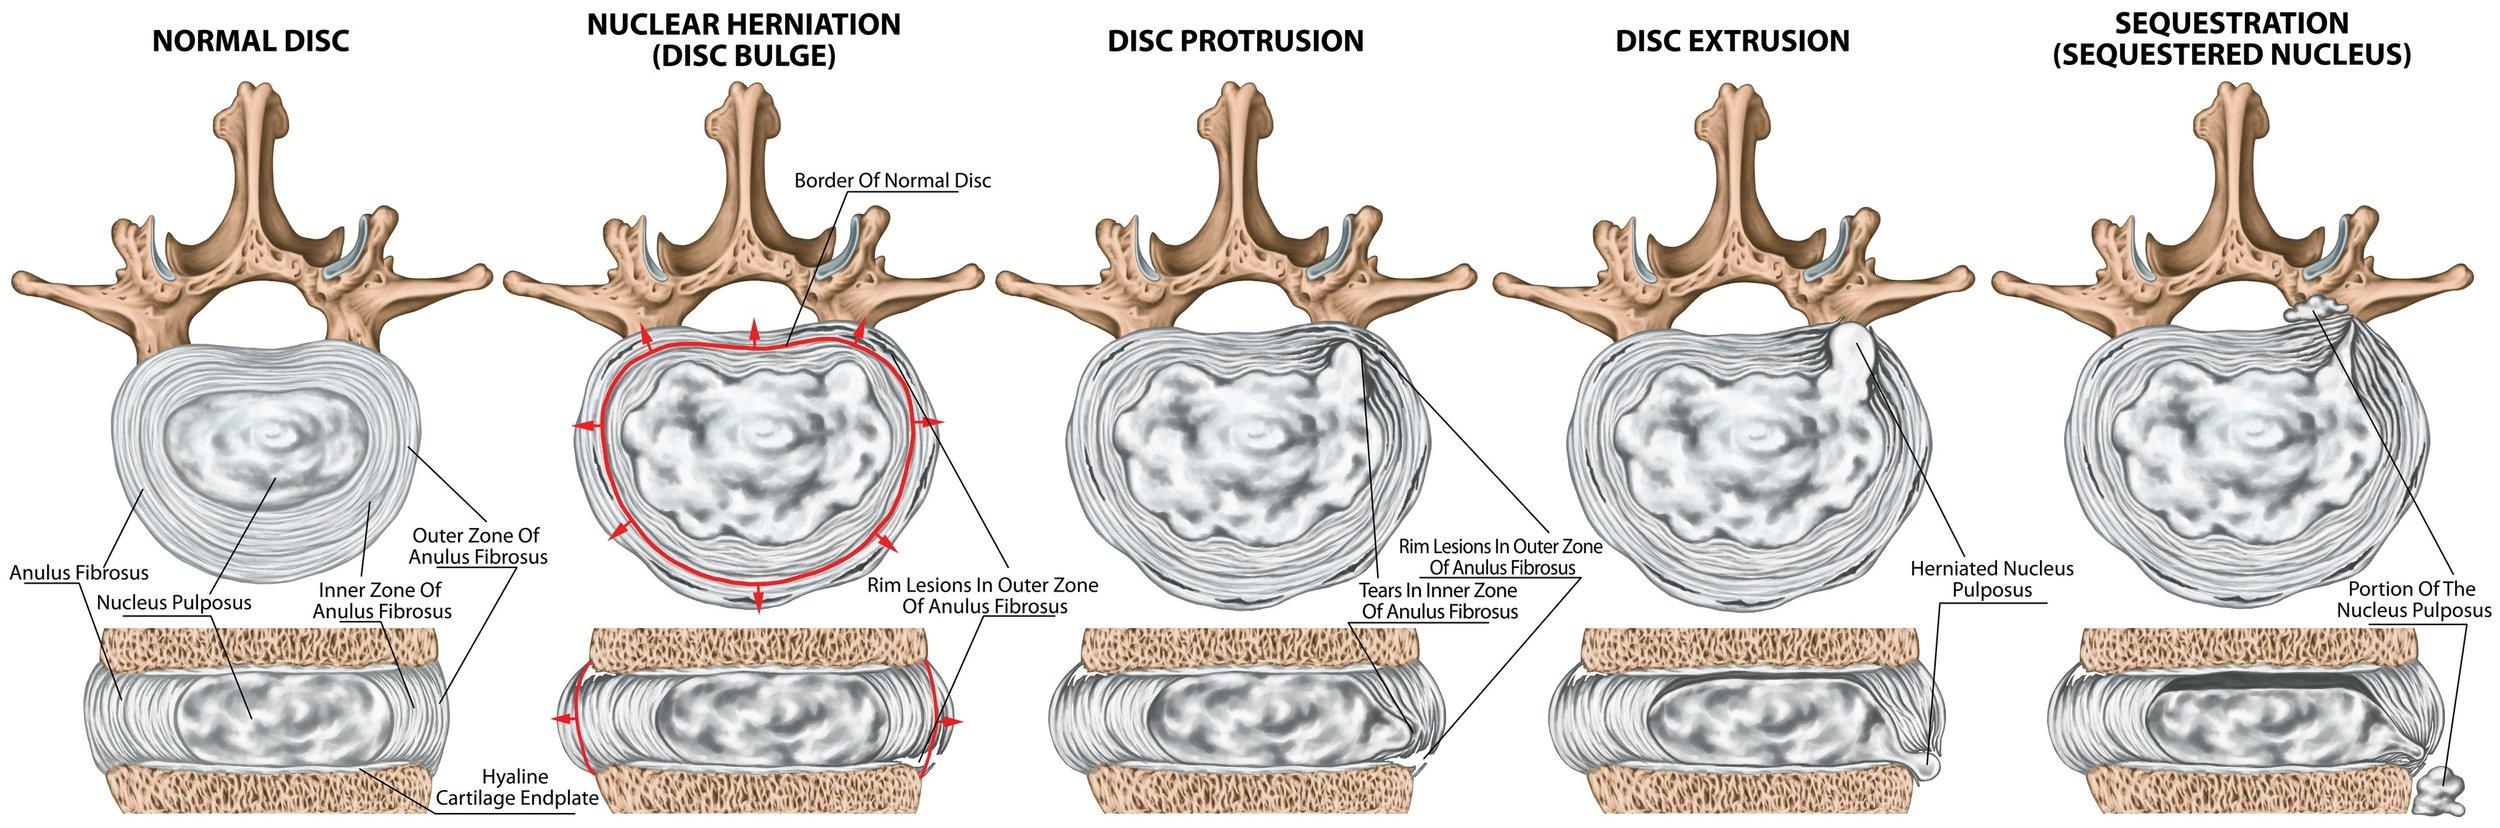 imzdravý disk - bulging - protrúzia - extrúzia - sekvestrácia disku